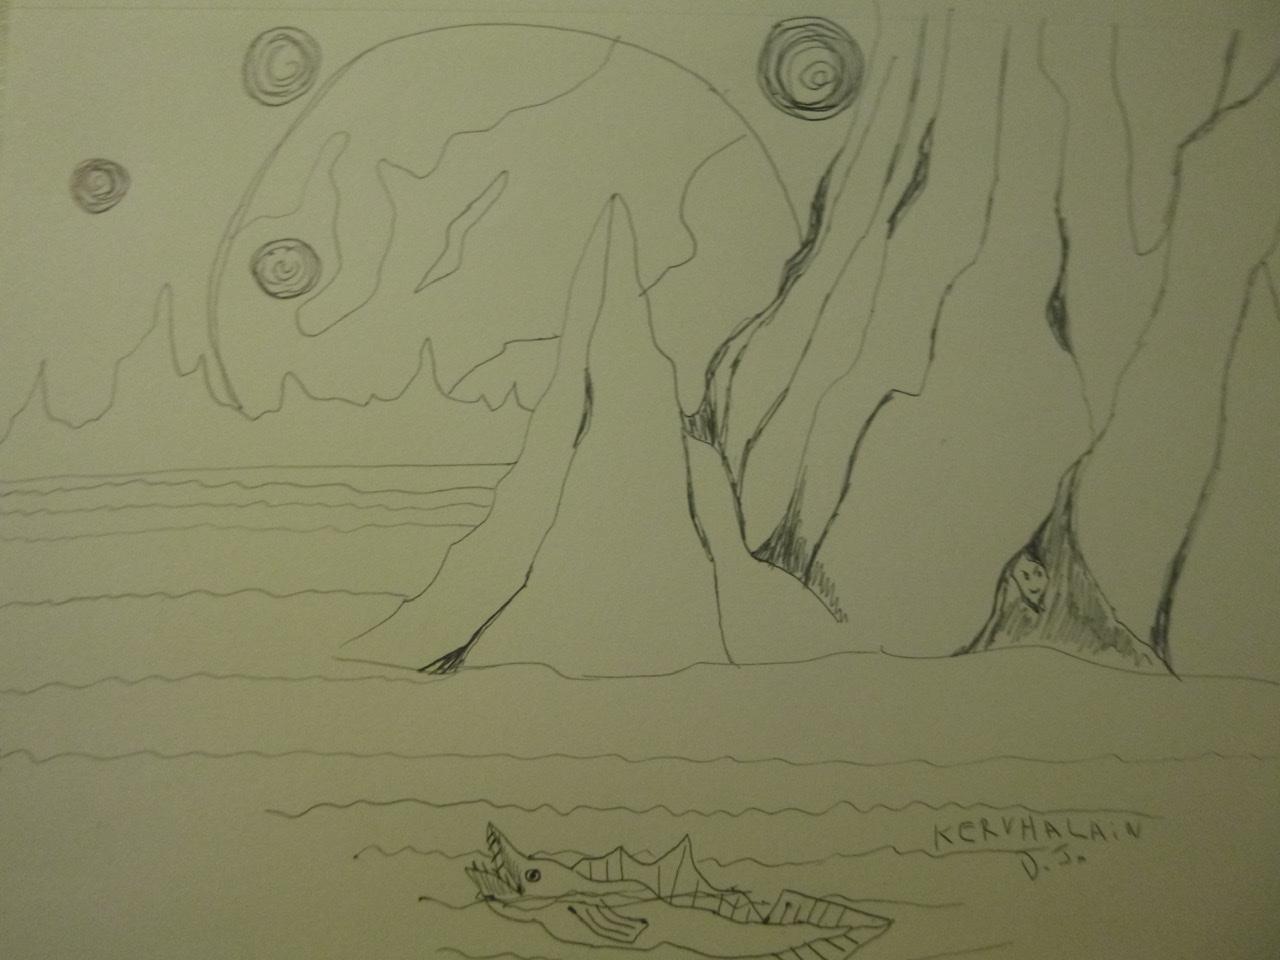 """<span style=""""color: #ff0000;""""><a style=""""color: #ff0000;"""" href=""""mailto:johorse.danielssen@gmail.com?subject=Défi 15 dessins 15 semaines -  La cachette dans la montagne"""">Contacter l'artiste</a></span> Daniel Joyal - La cachette dans la montagne - 75$ (transaction directement avec l'artiste) - stylo bille sur papier Canson, 9x 12po"""